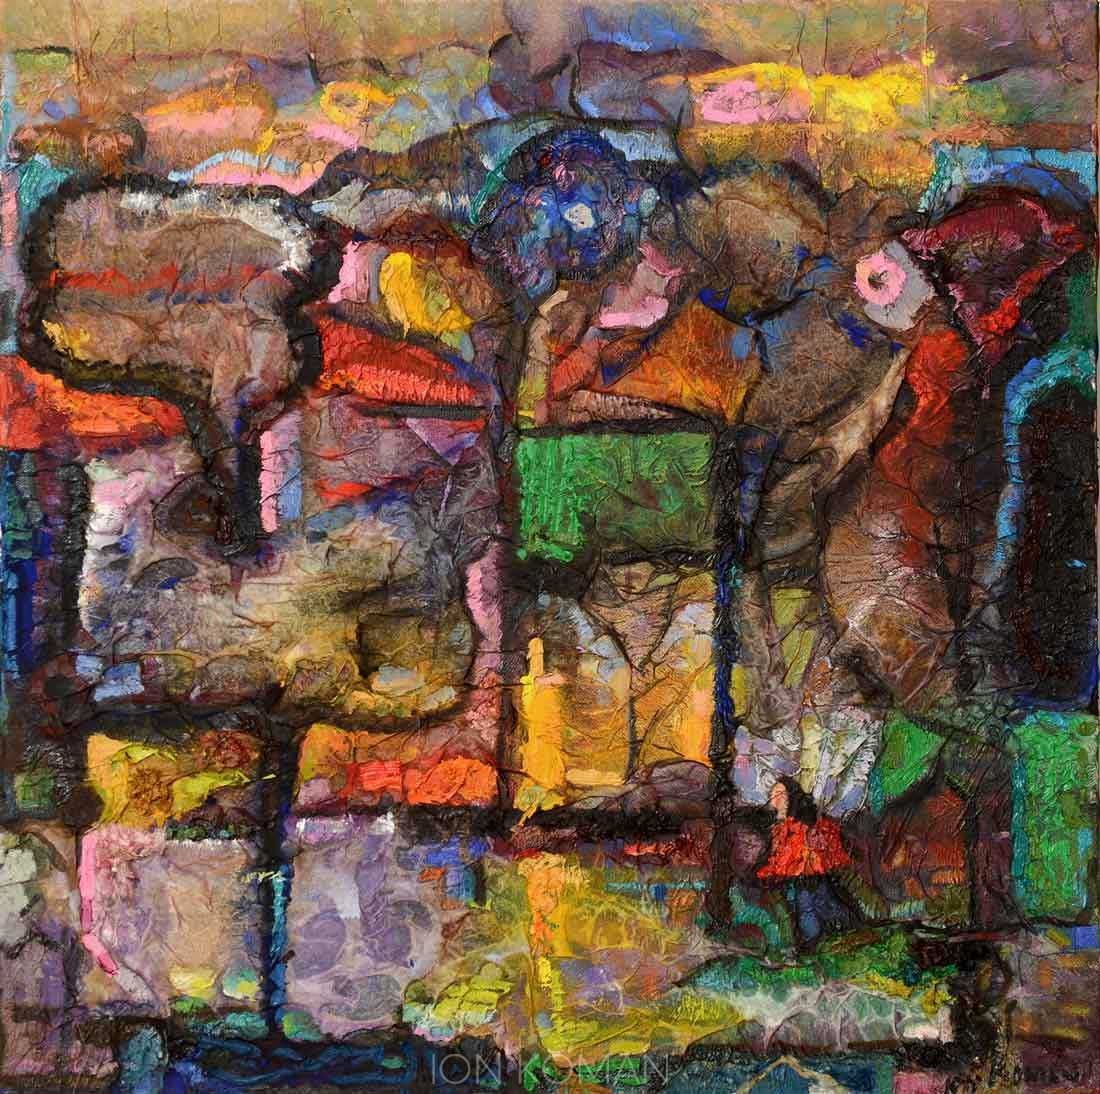 Alberi-e-case-2000-tecnica-mista-su-tela-70x70